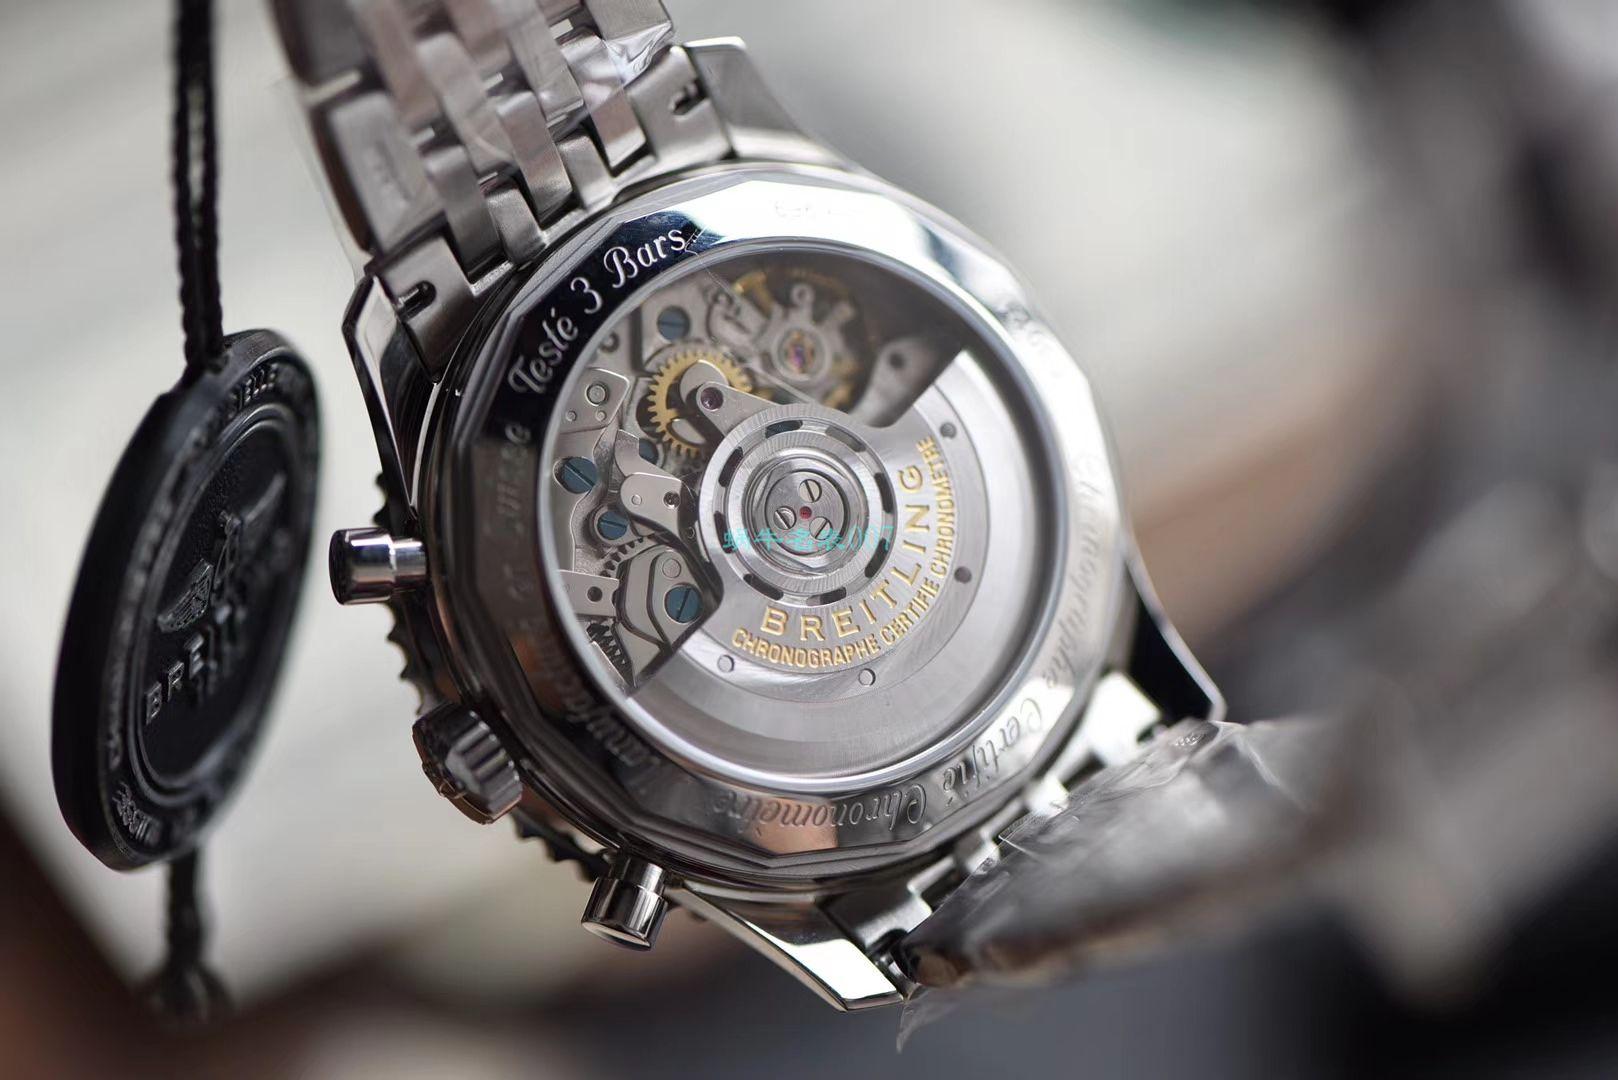 视频评测GF厂一比一精仿手表百年灵航空计时1系列AB0121211B1A1腕表 / BL162